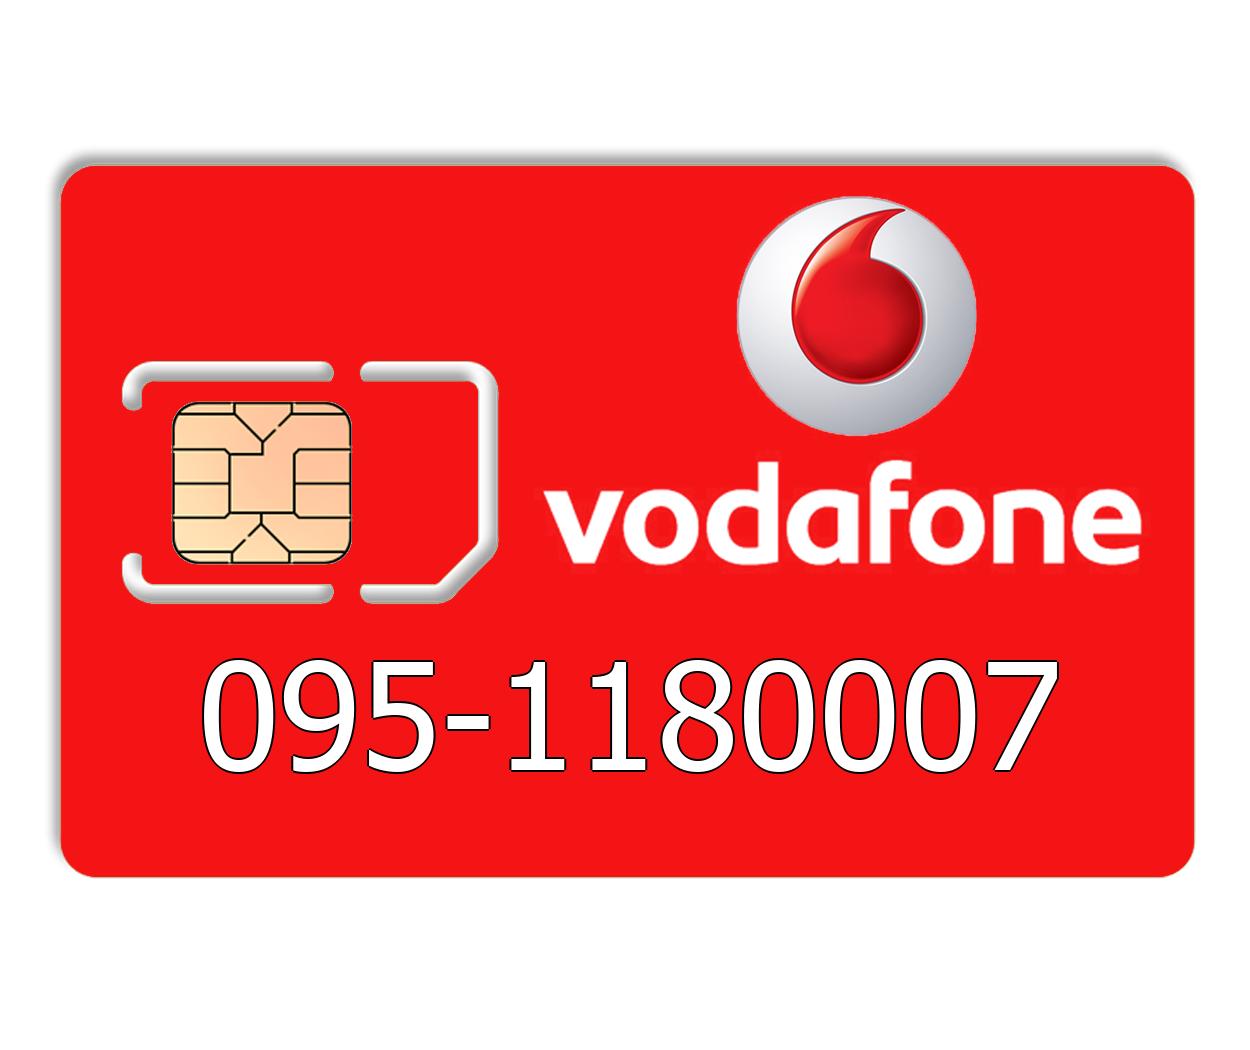 Красивый номер Vodafone 095-1180007